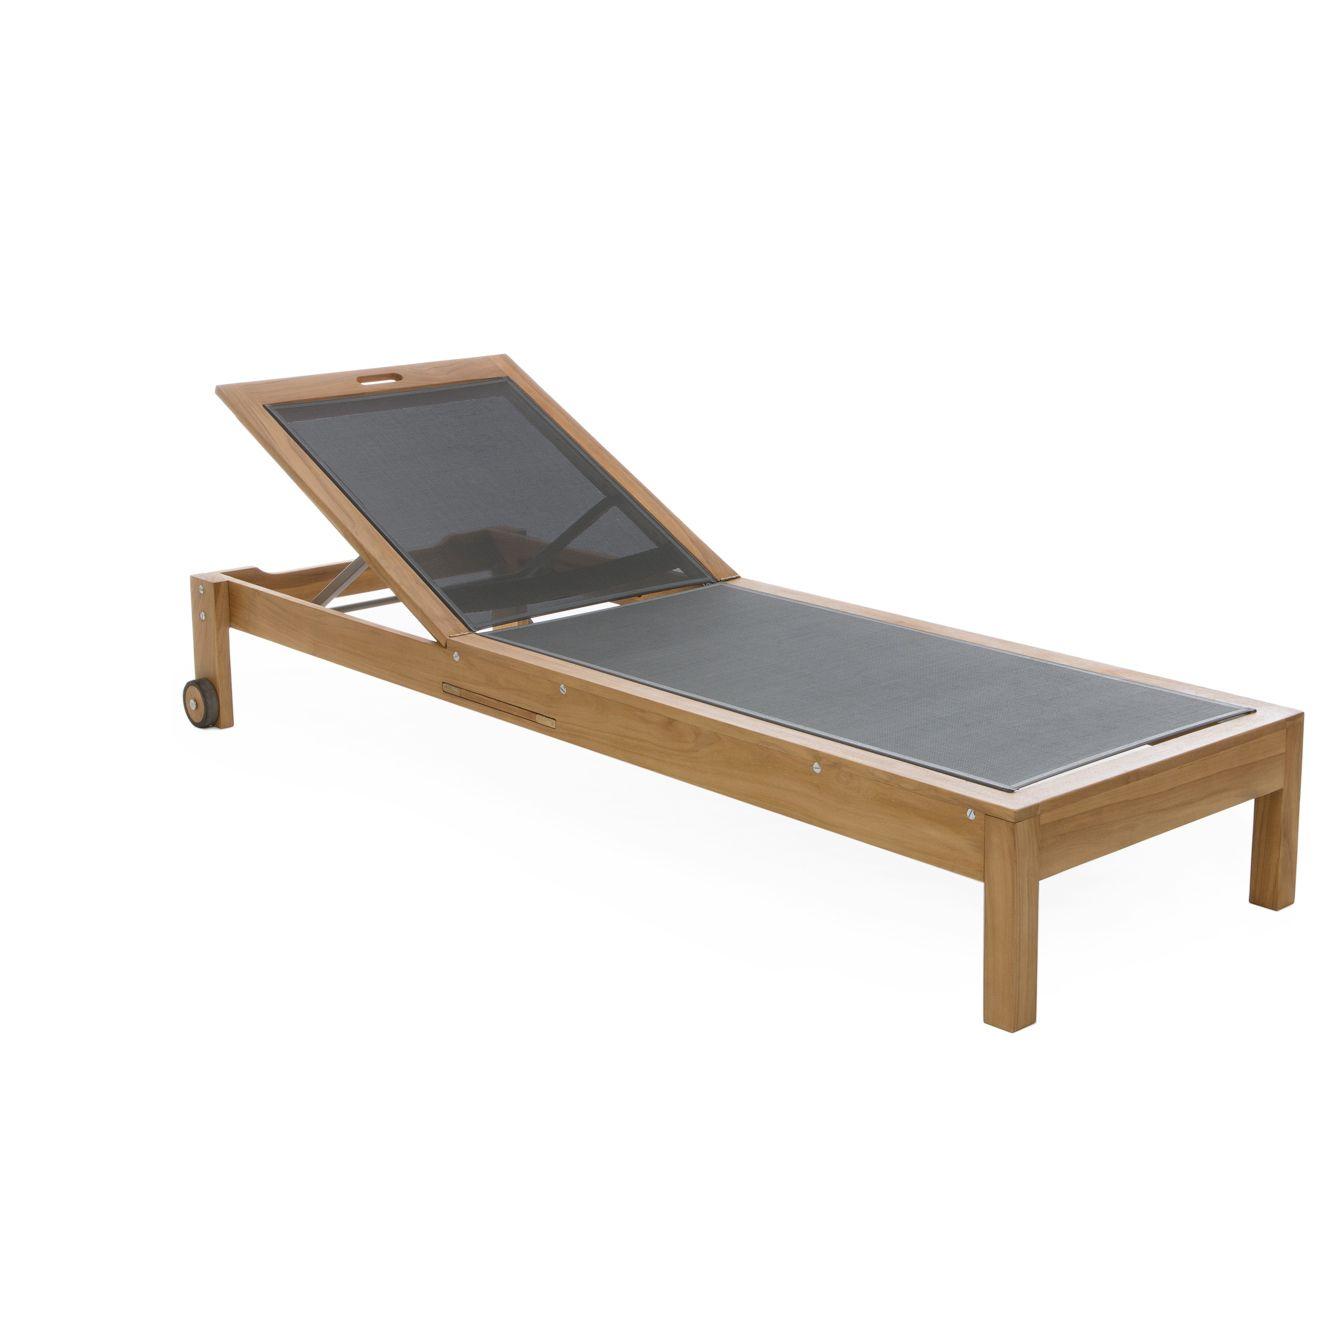 Relaxing Outdoor Sunbeds For Pool And Patio Jardin De Ville Pool Patio Outdoor Furniture Outdoor